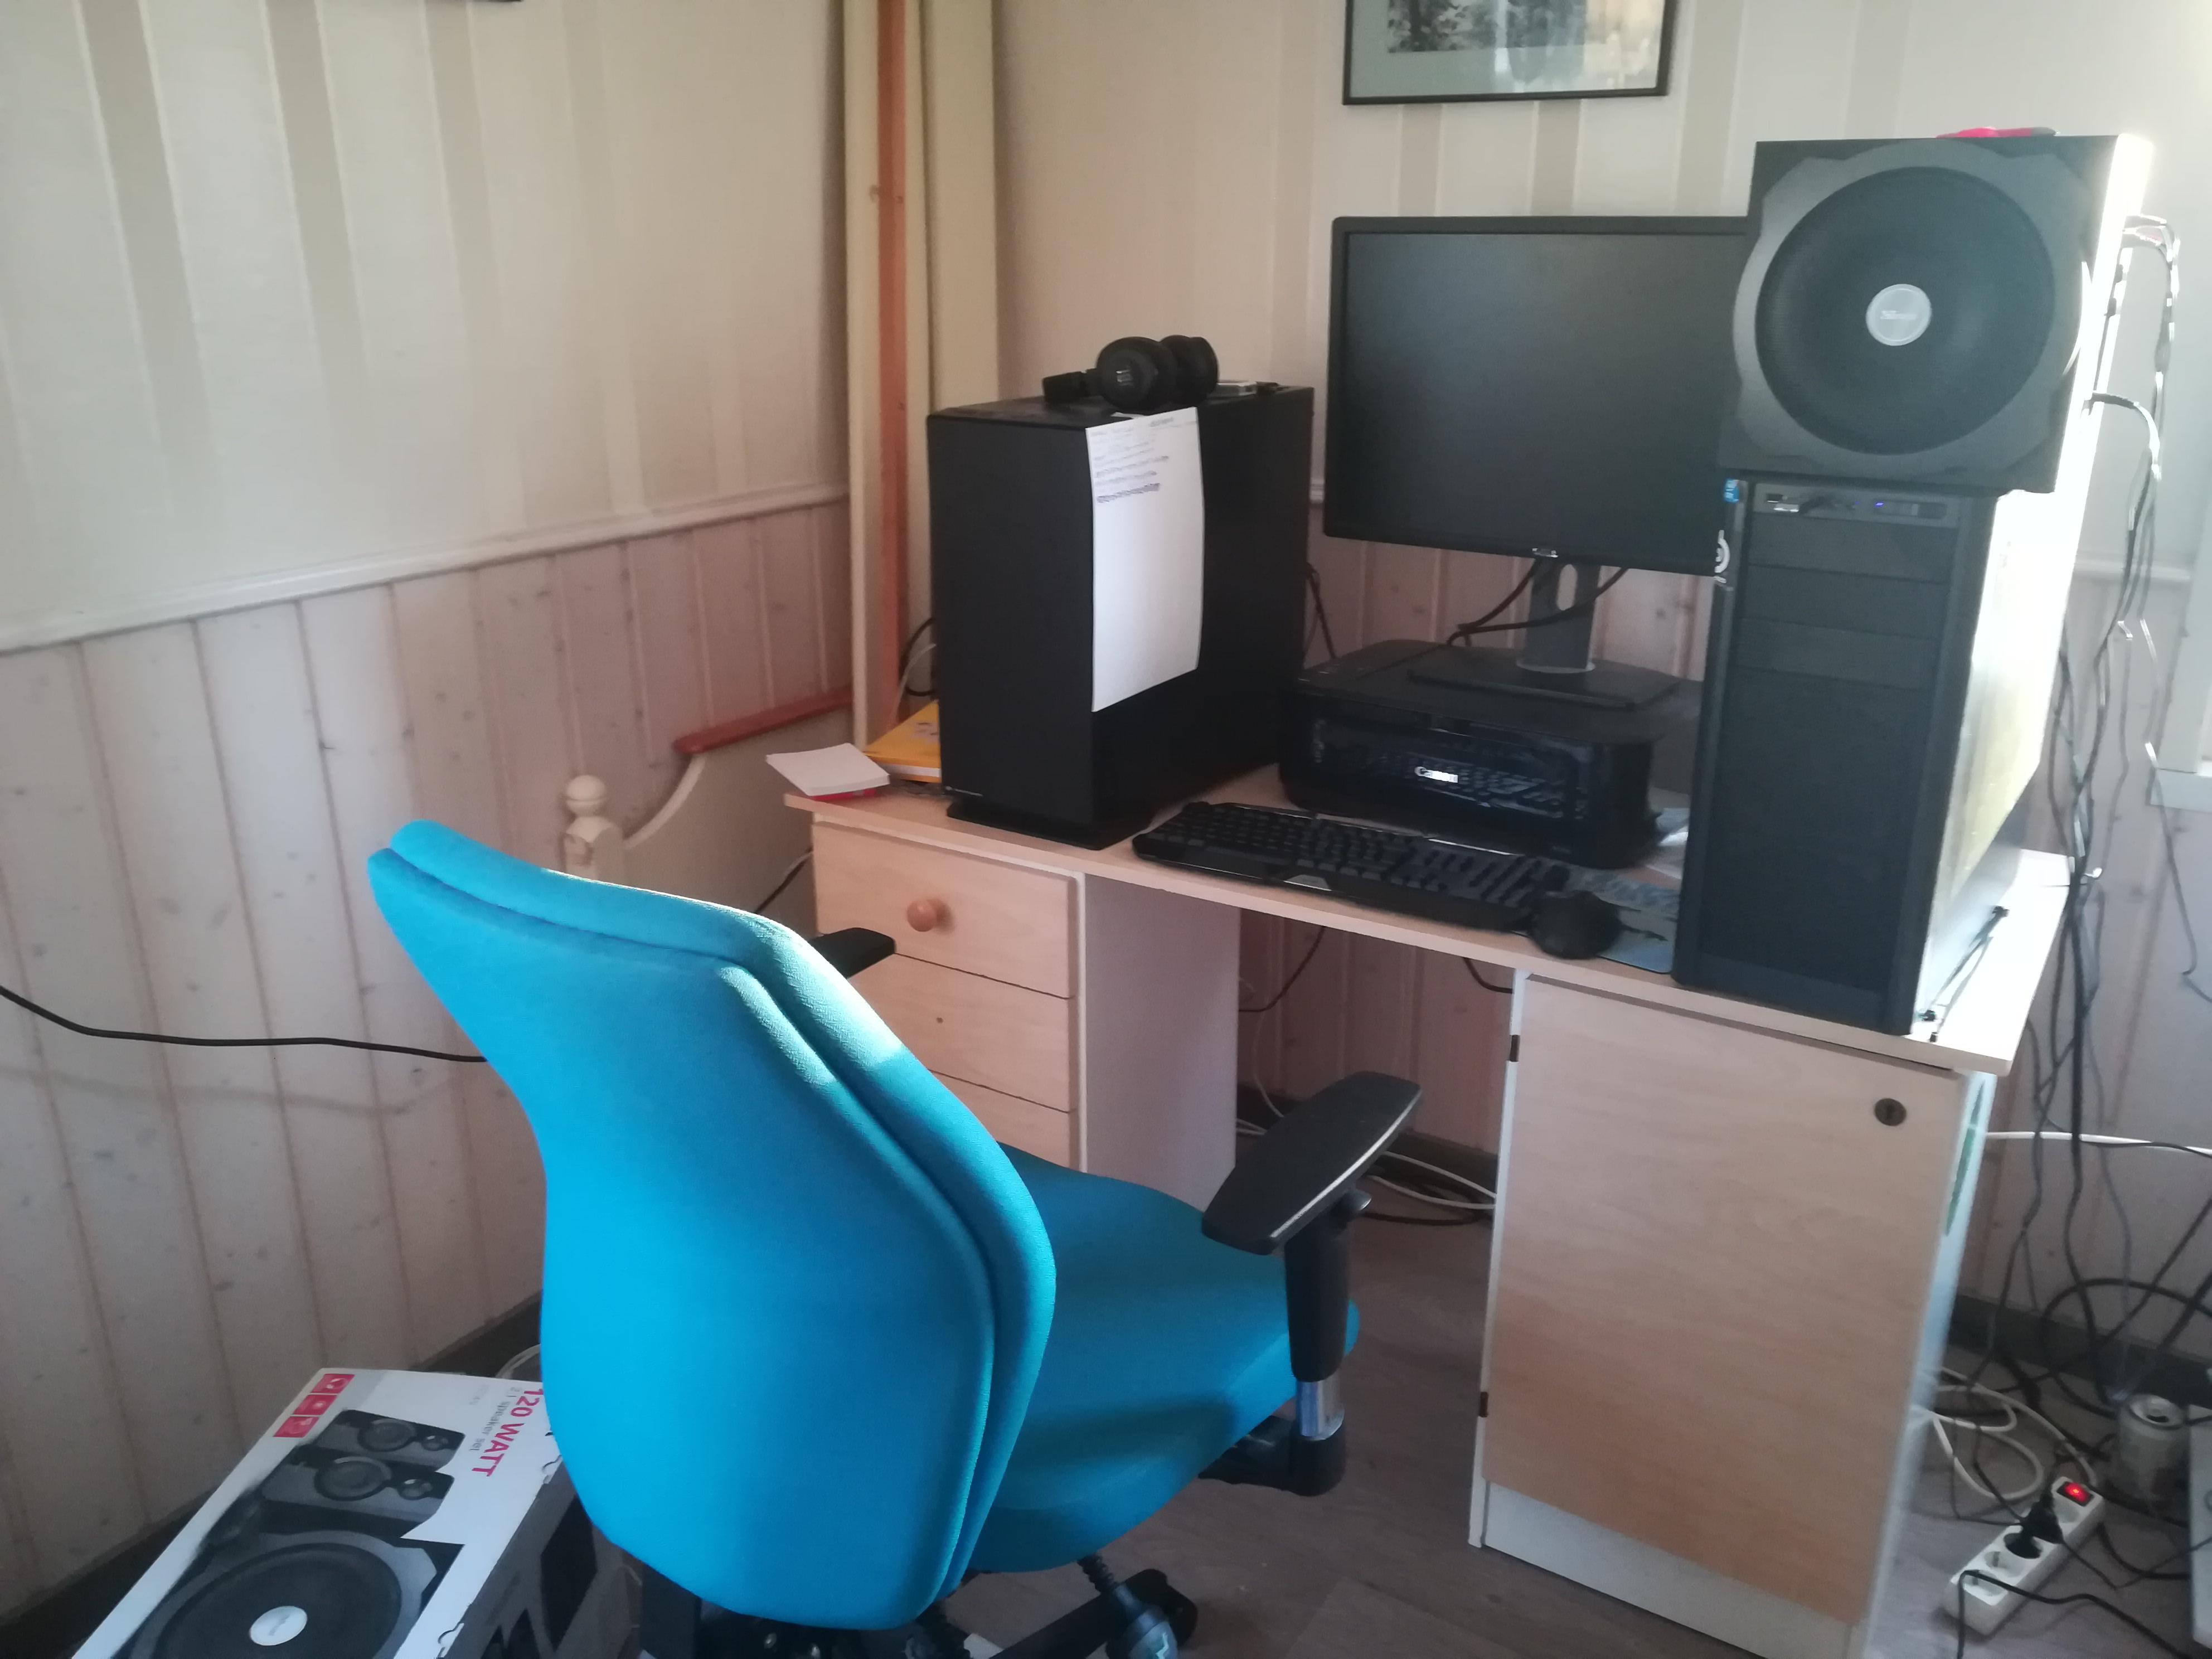 Työpöytä.jpg